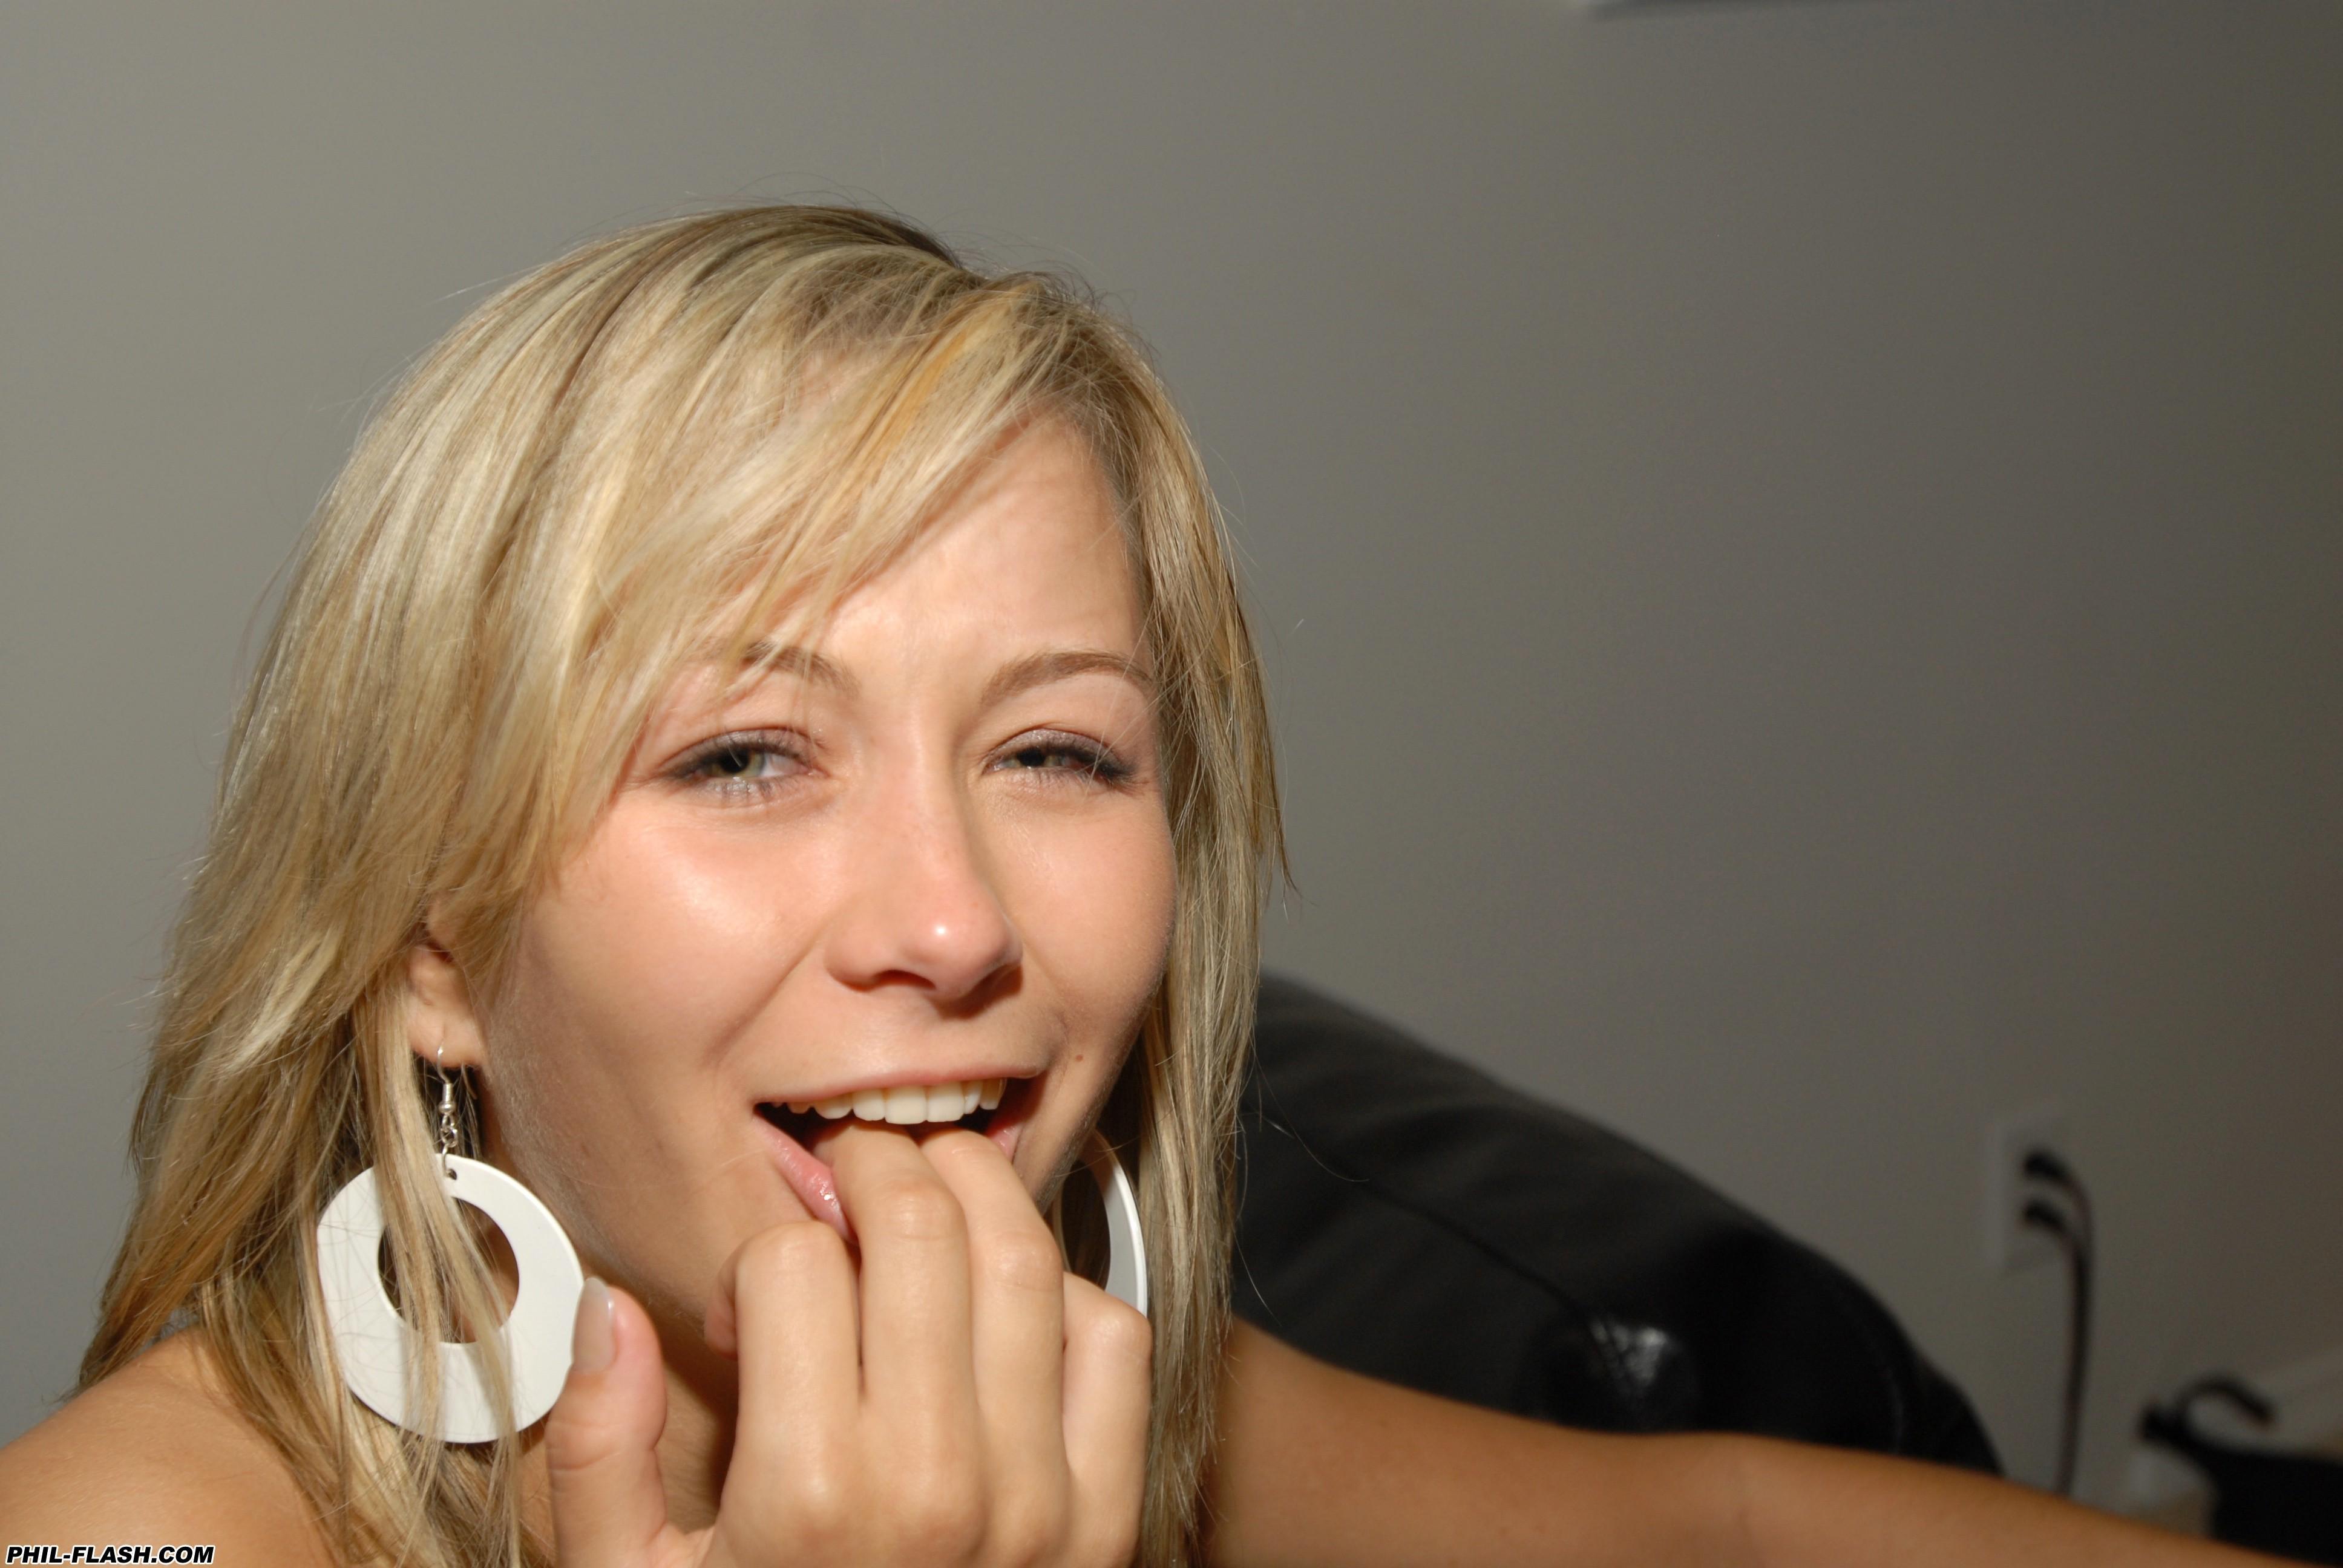 Молодая блондинка засунула пальчик в свою тугую попку